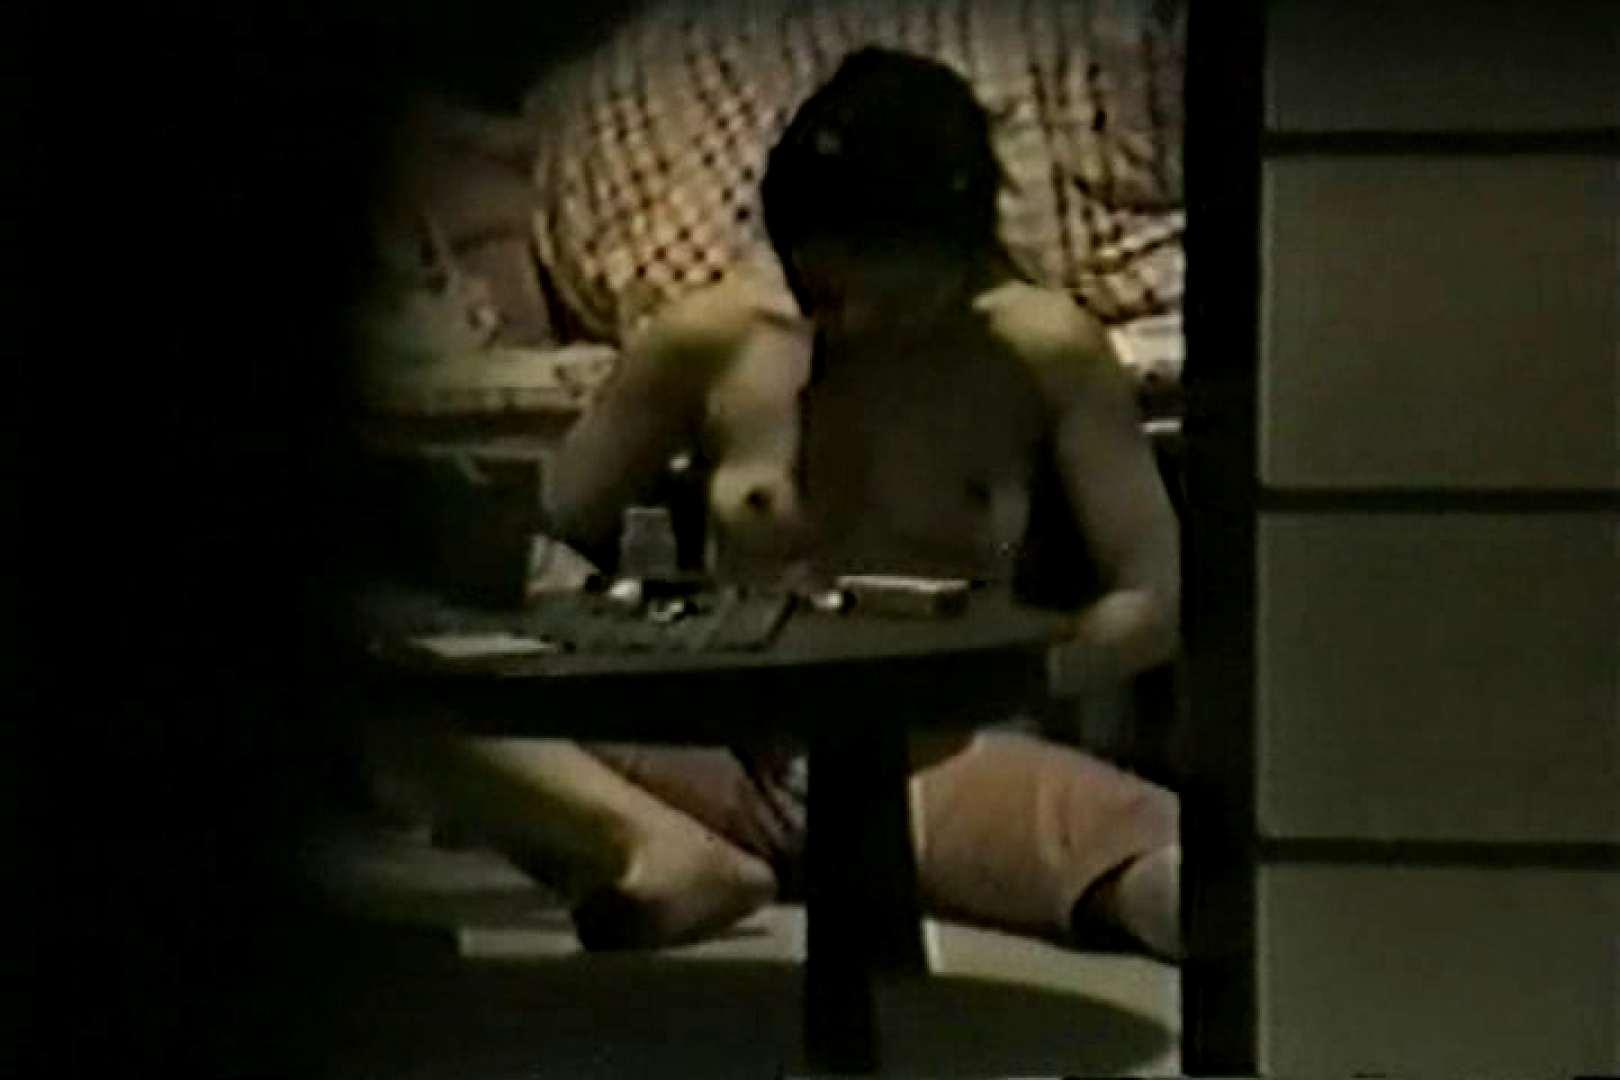 深夜の撮影会Vol.6 覗き放題   企画  88画像 1